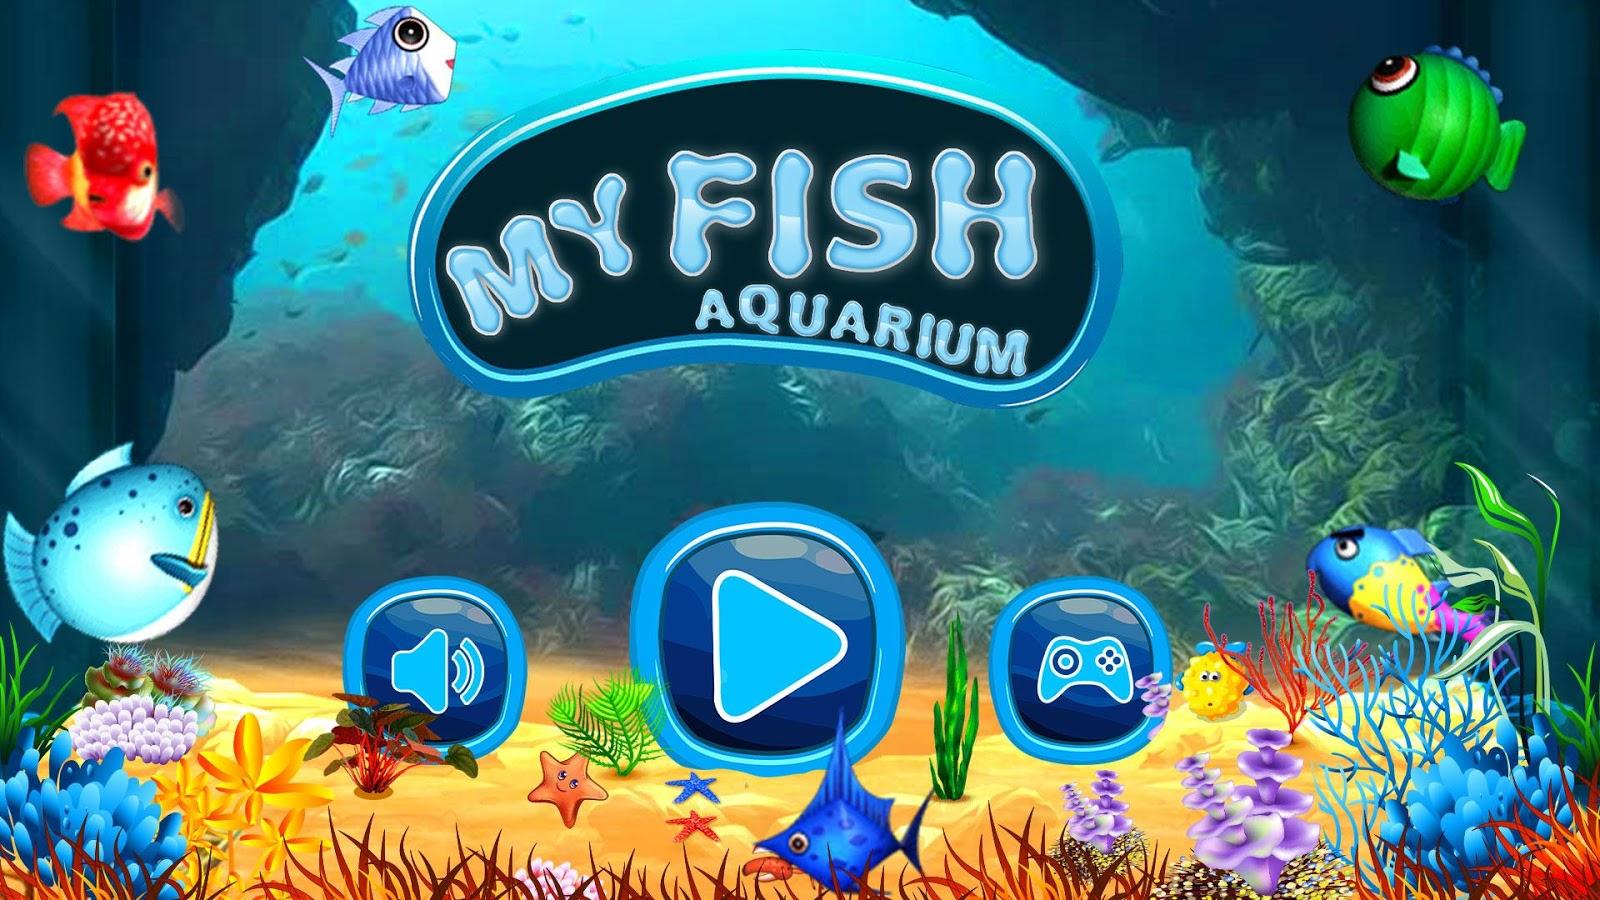 Fish Aquarium - My fish aquarium fish care screenshot